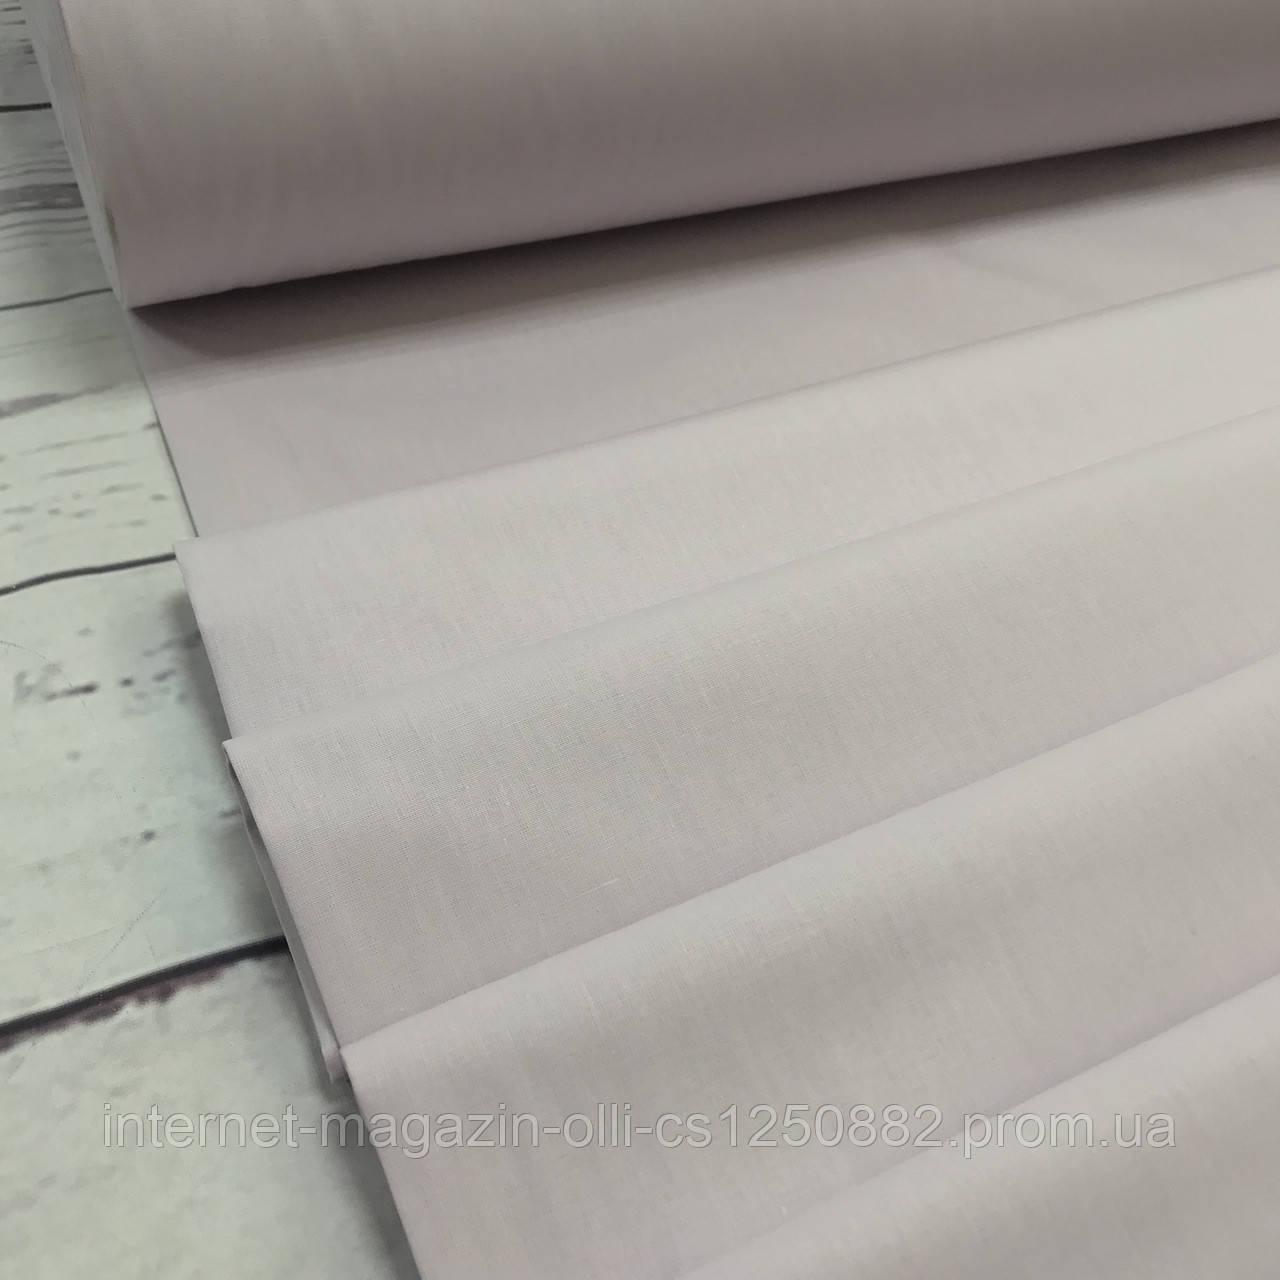 Ткань поплин De Luxe, однотонный нежно-сиреневый (Турция шир. 2,4 м) №32-32b